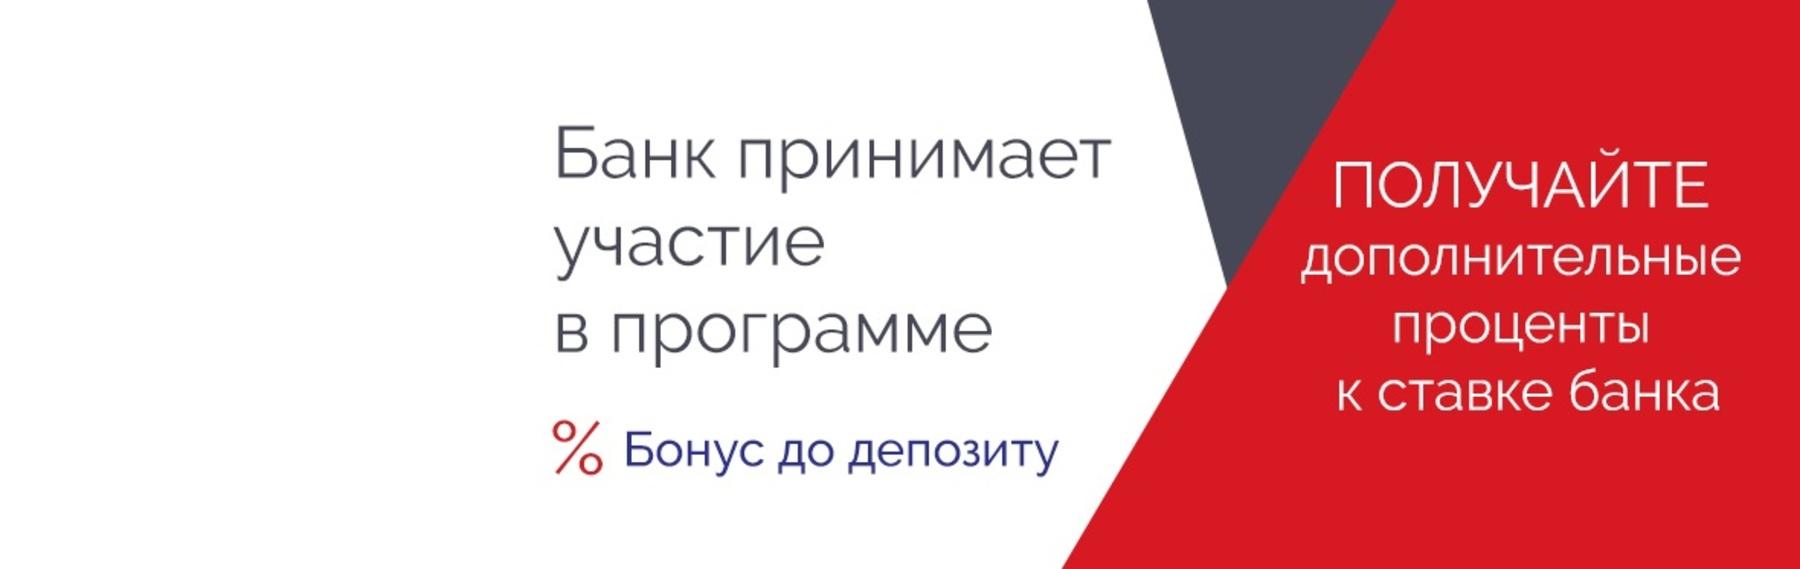 Идея банк днепропетровск кредит наличными